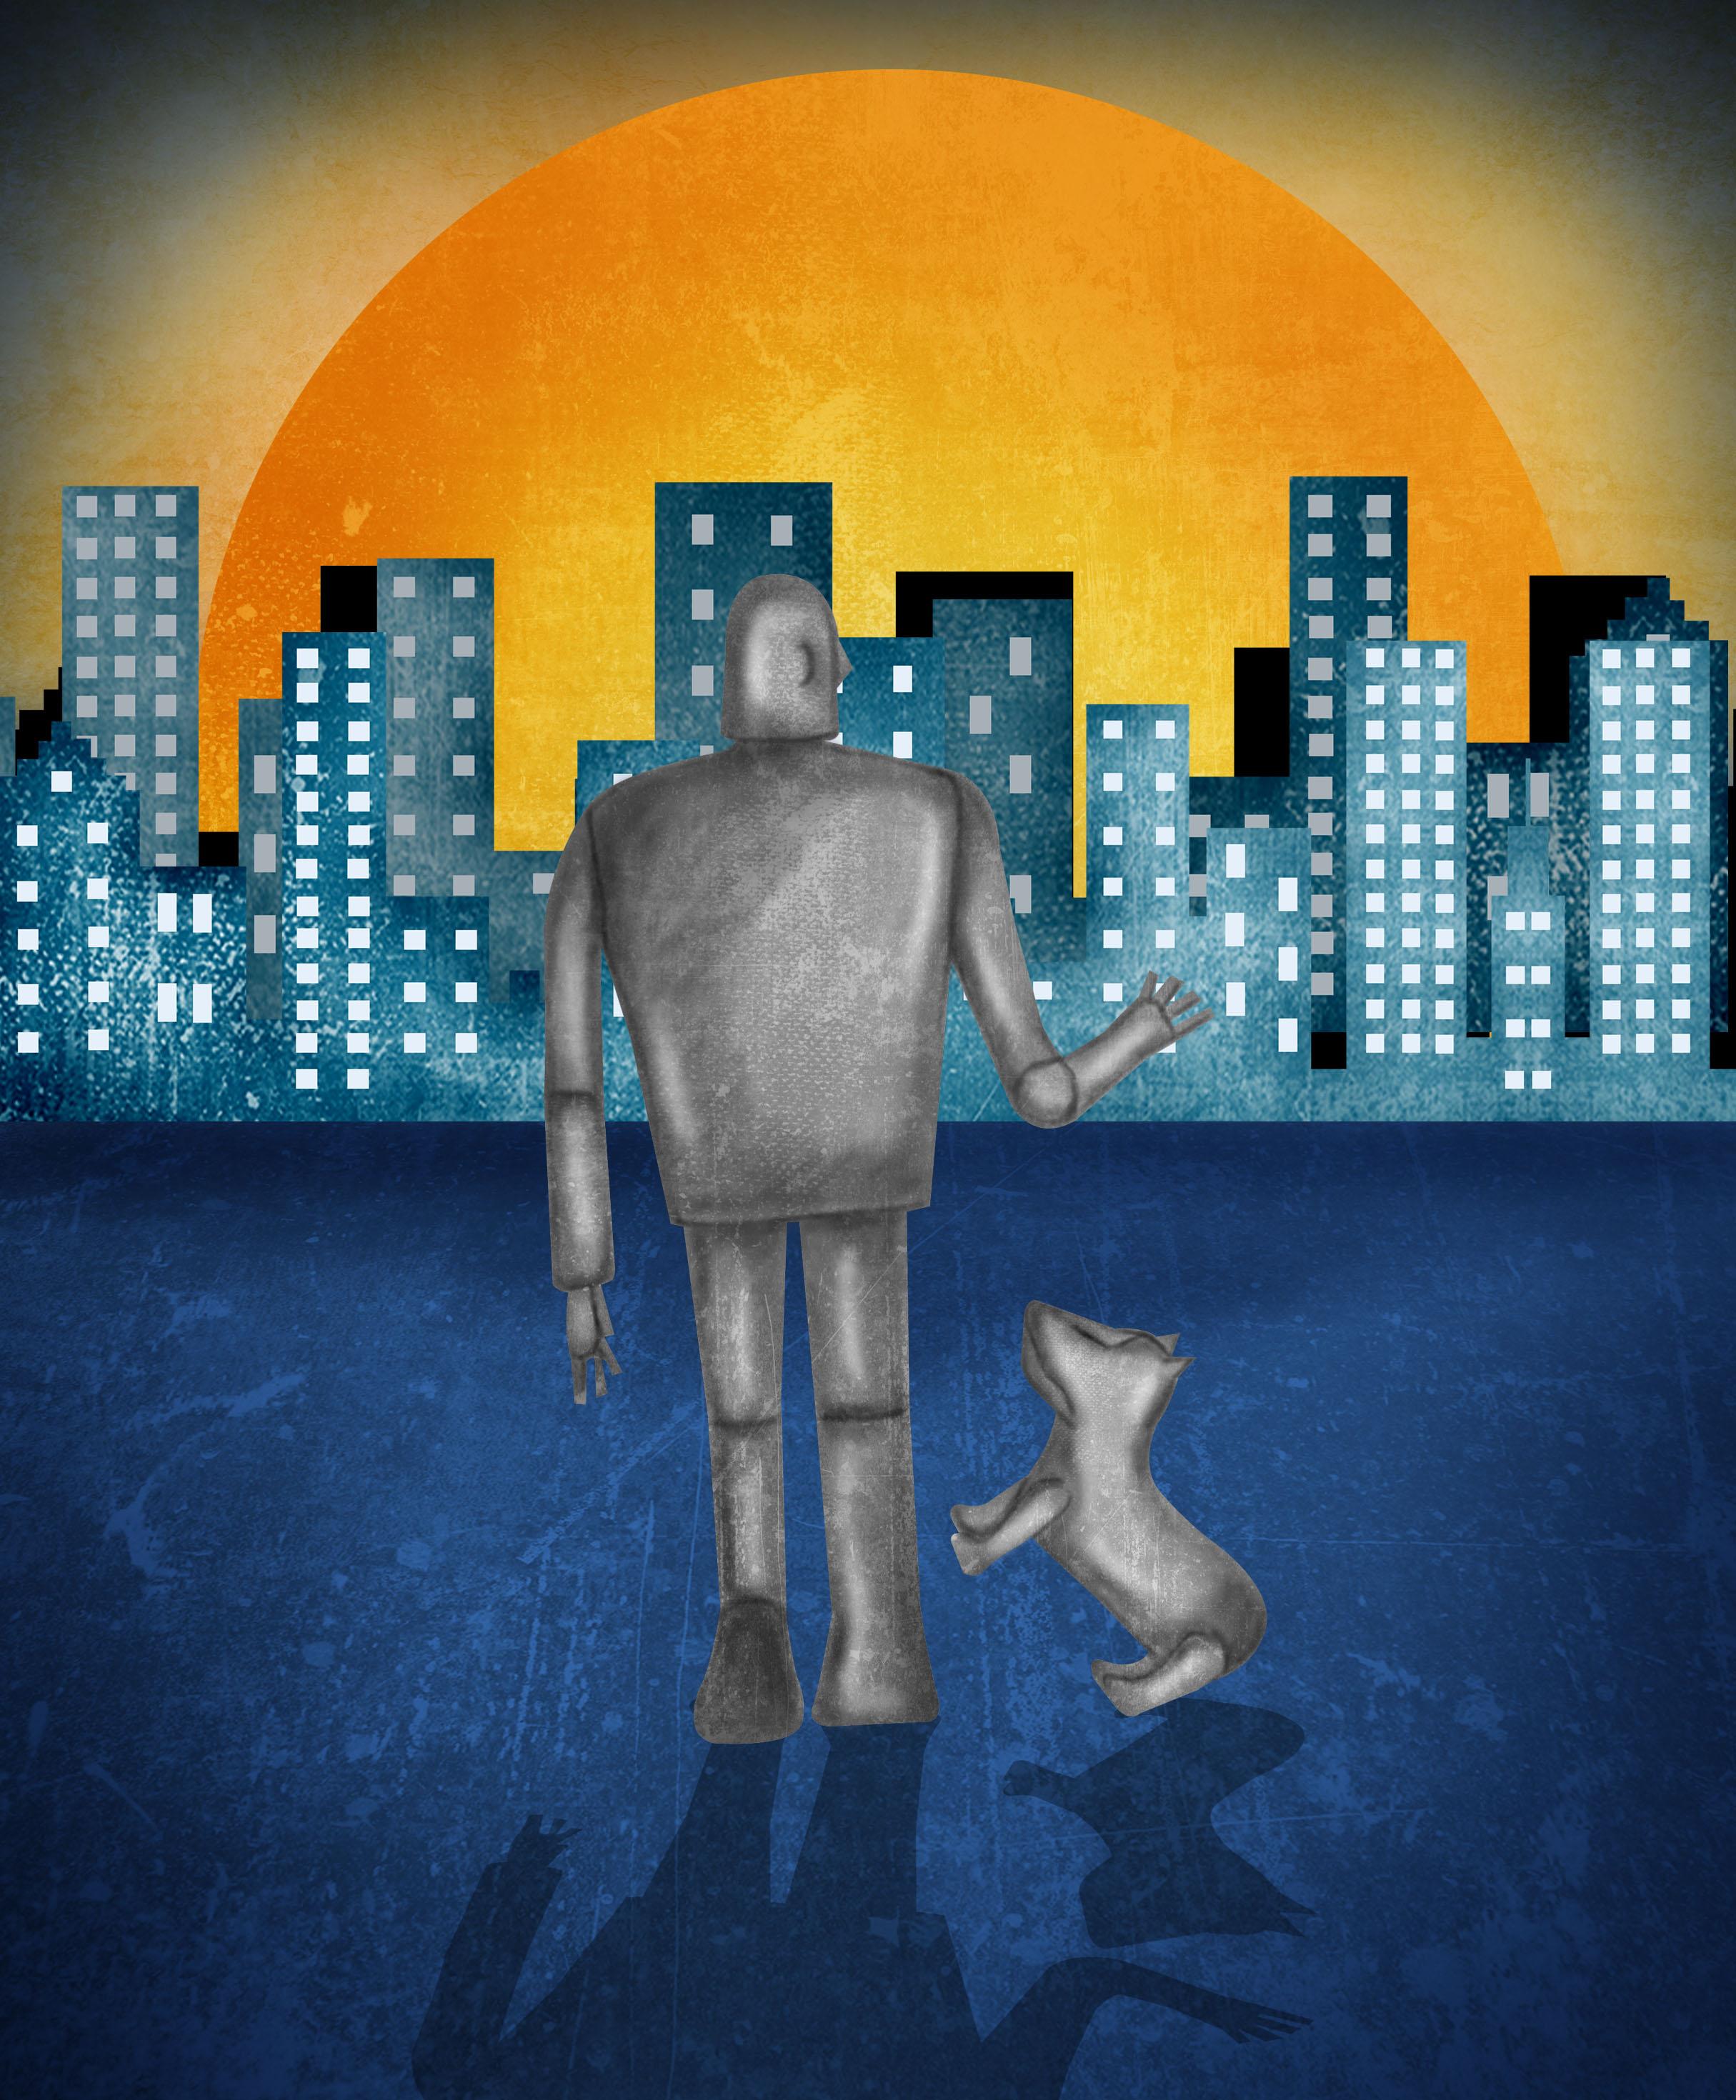 Elektro, el primer androide de la historia